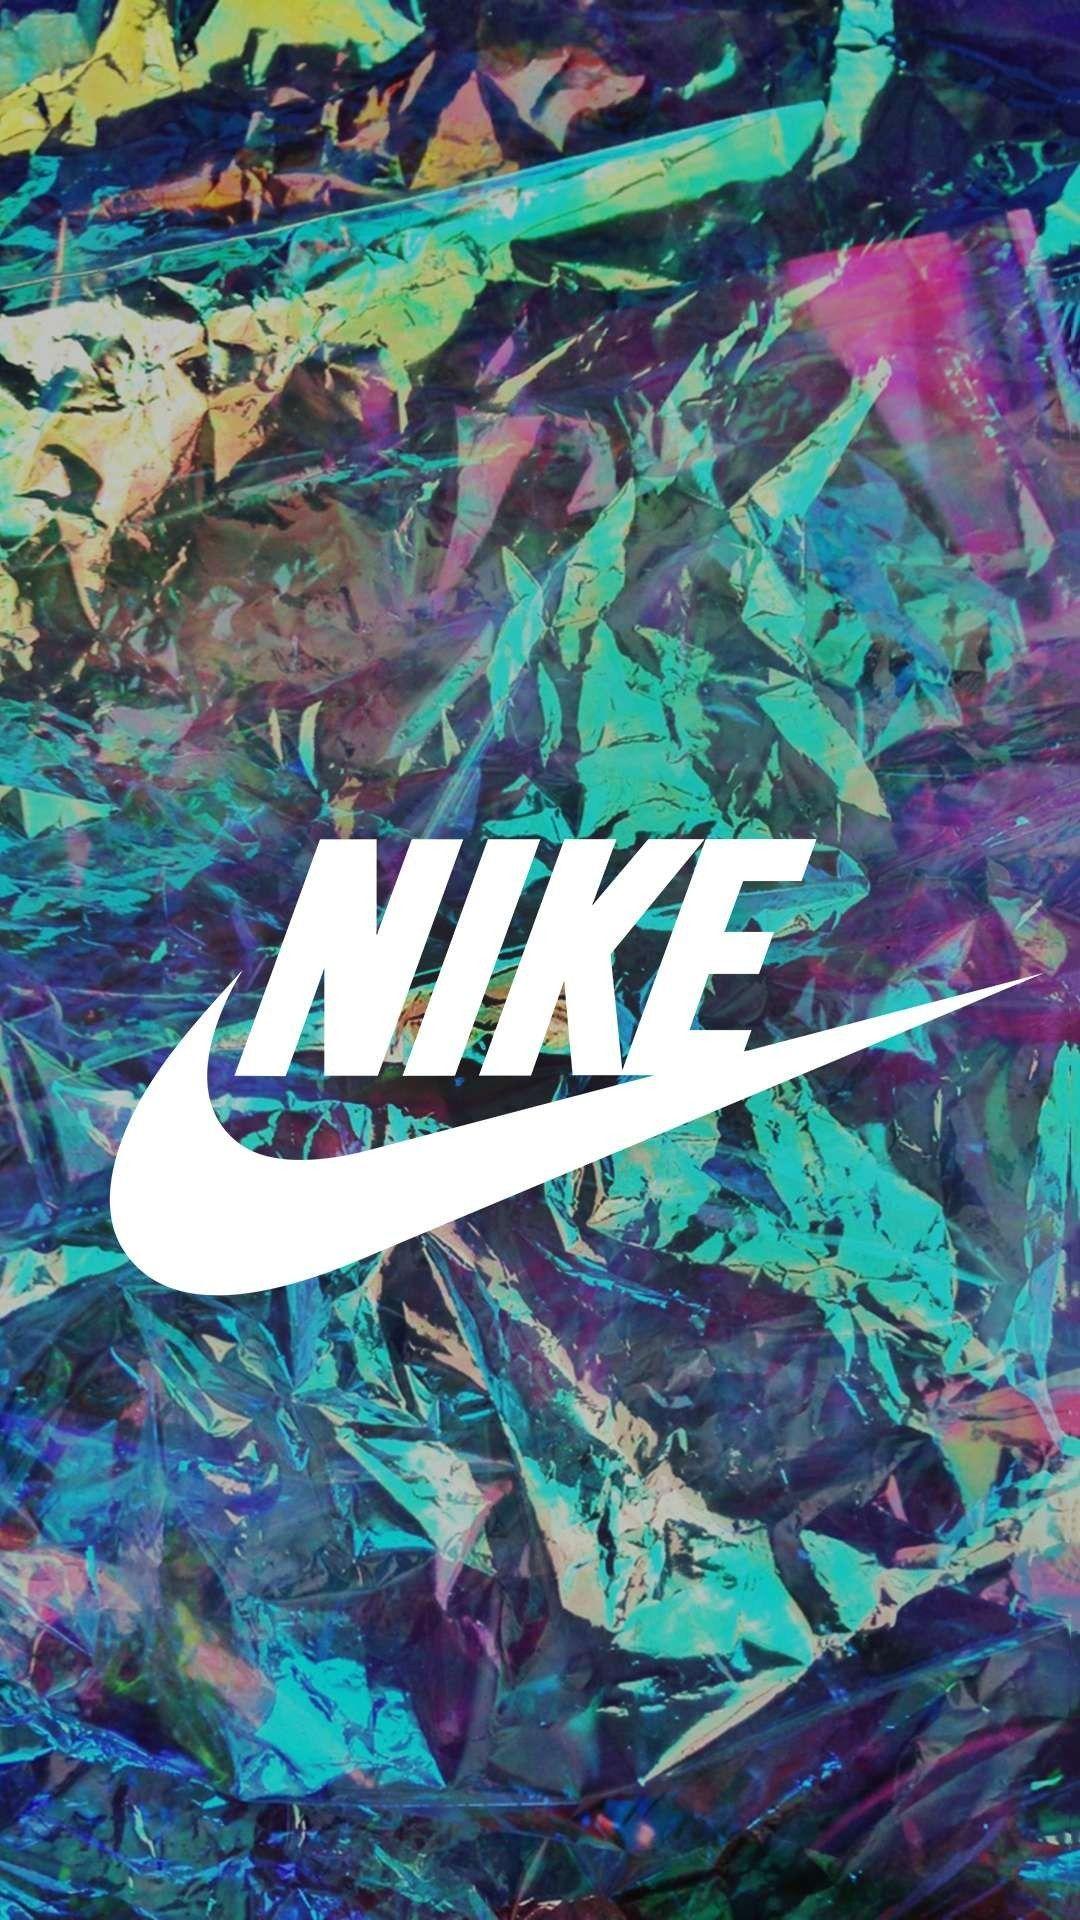 Swag Cool Graffiti Wallpaper Home Screen Flip Wallpapers Download Free Wallpaper Hd In 2020 Nike Wallpaper Nike Logo Wallpapers Nike Wallpaper Iphone